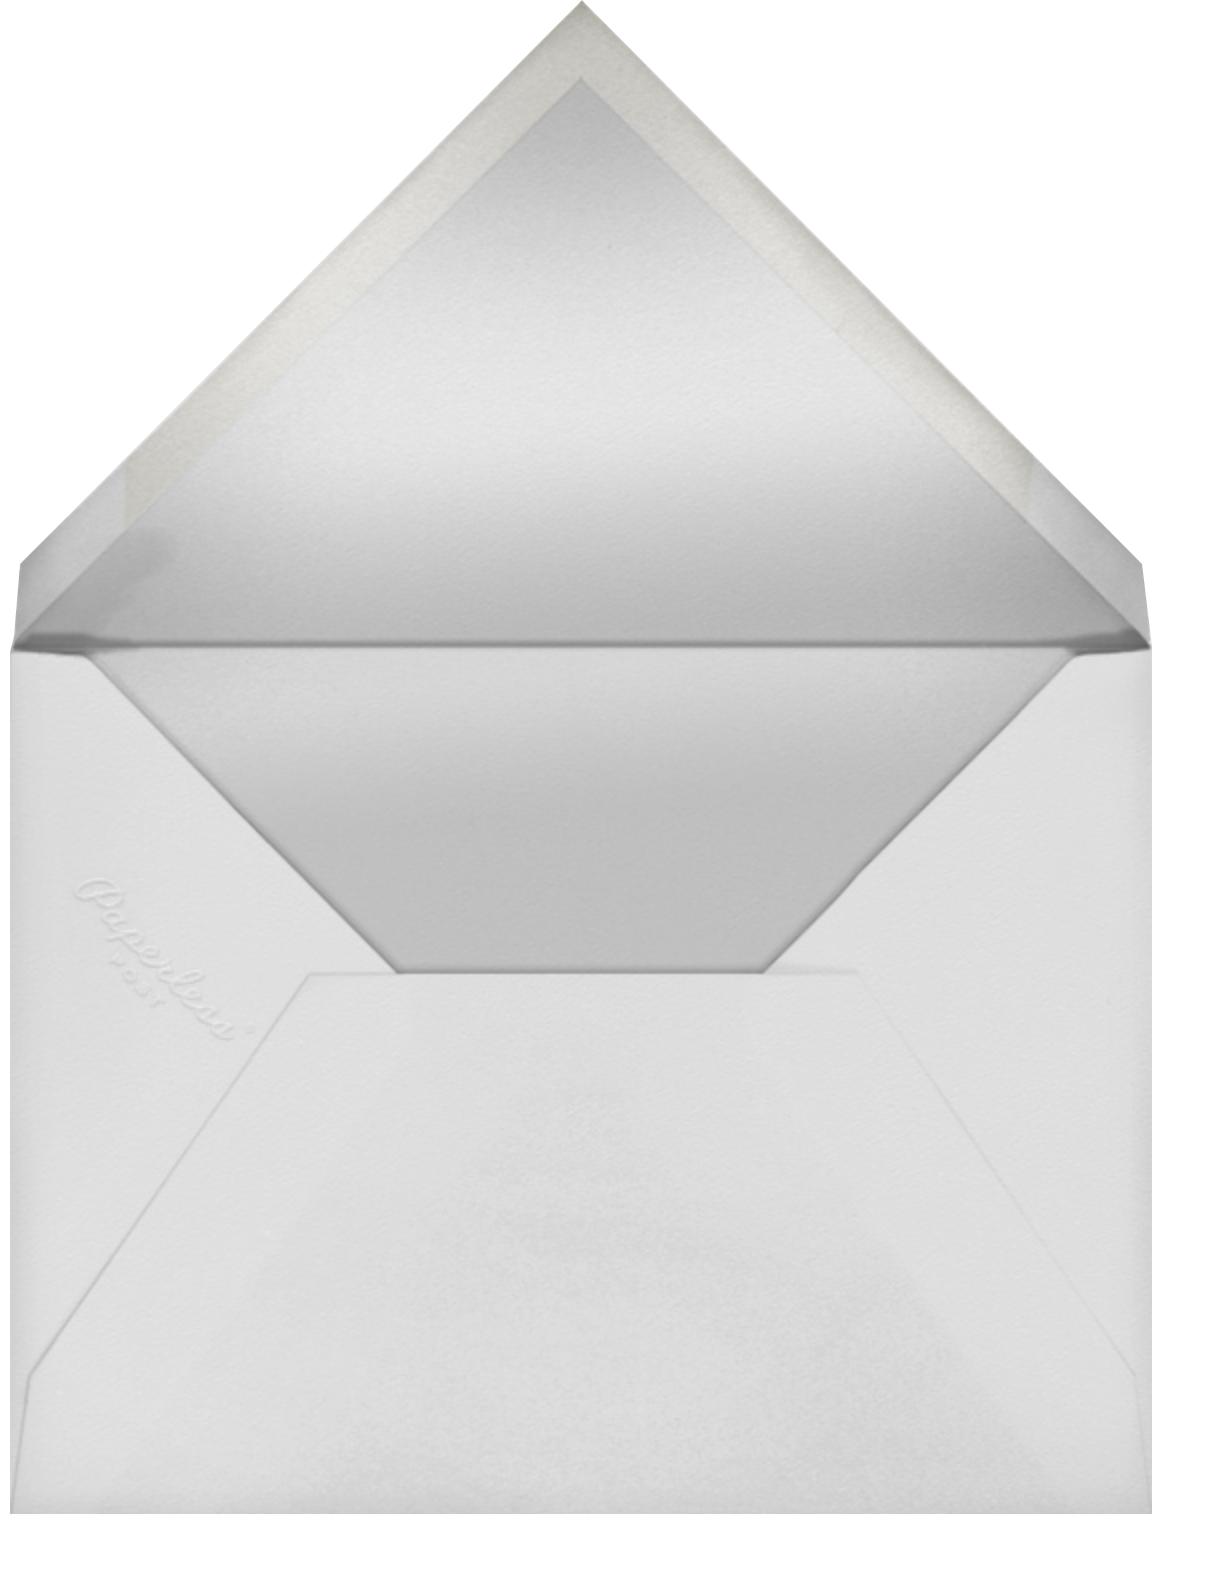 Rainier (Menu) - Paperless Post - Menus - envelope back